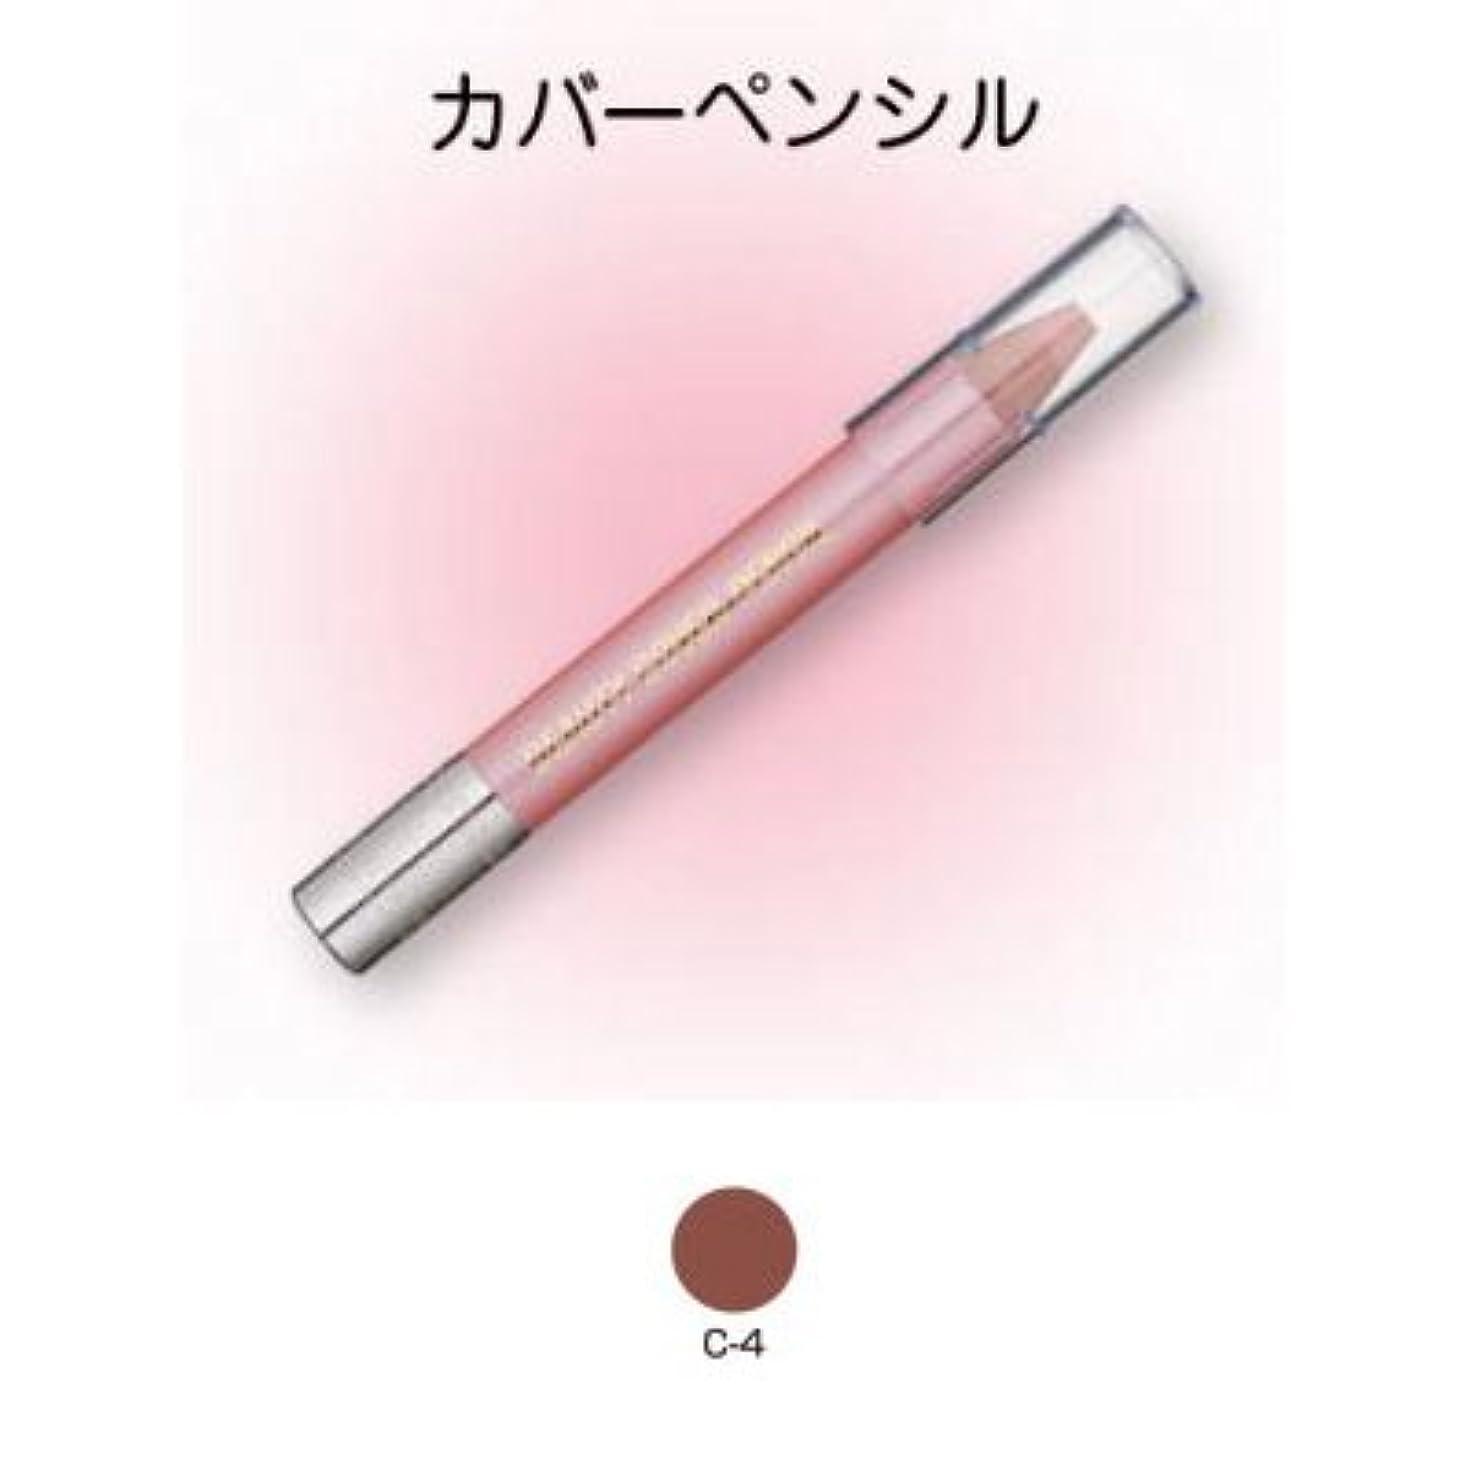 速い唯物論狂気ビューティーカバーペンシル C-4【三善】